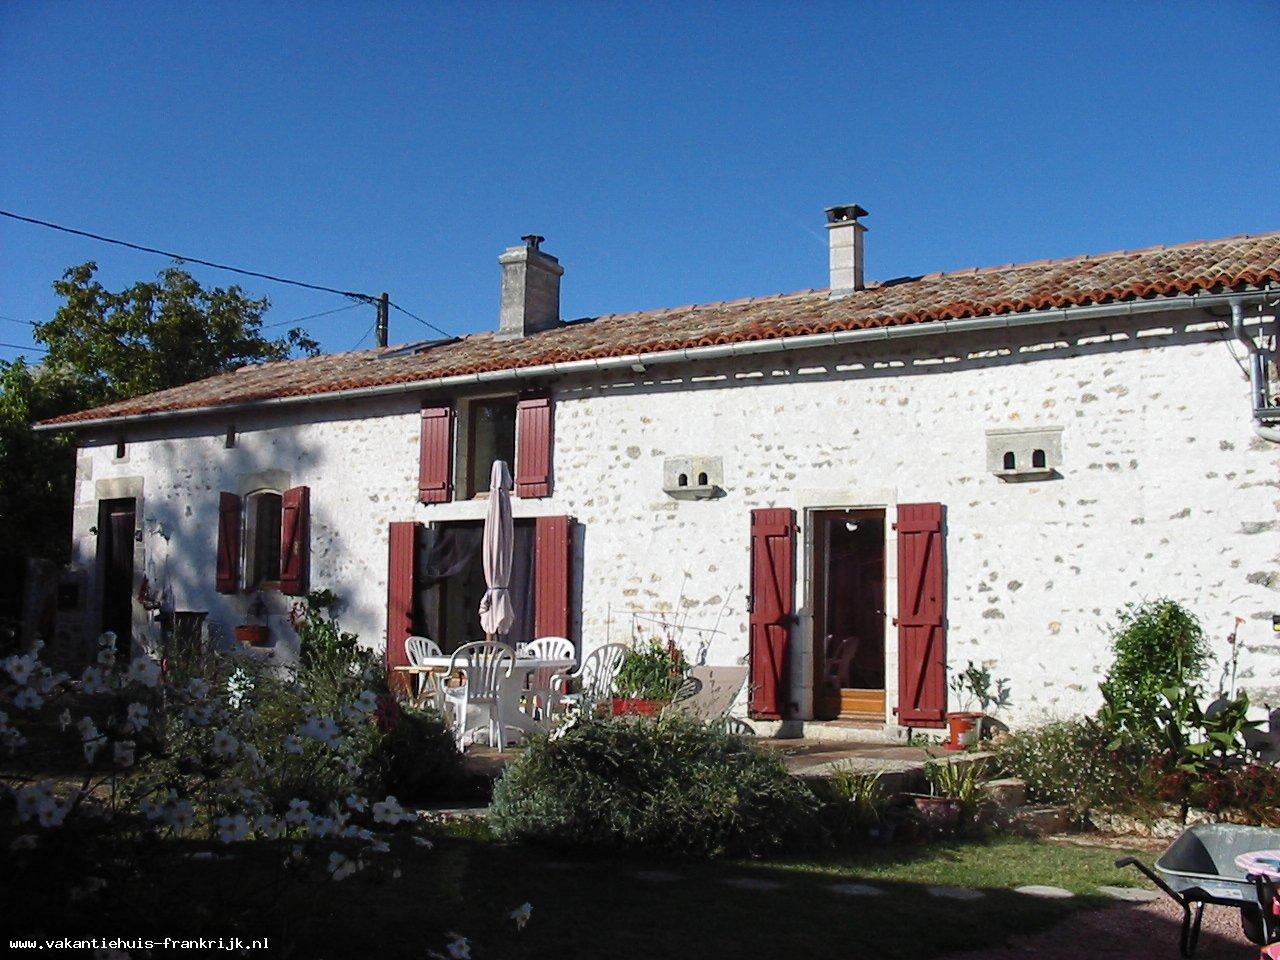 Vakantiehuis: Geweldige gite voor 14 personen met privé zwembad en prachtig uitzicht te huur voor uw vakantie in Charente Maritime (Frankrijk)